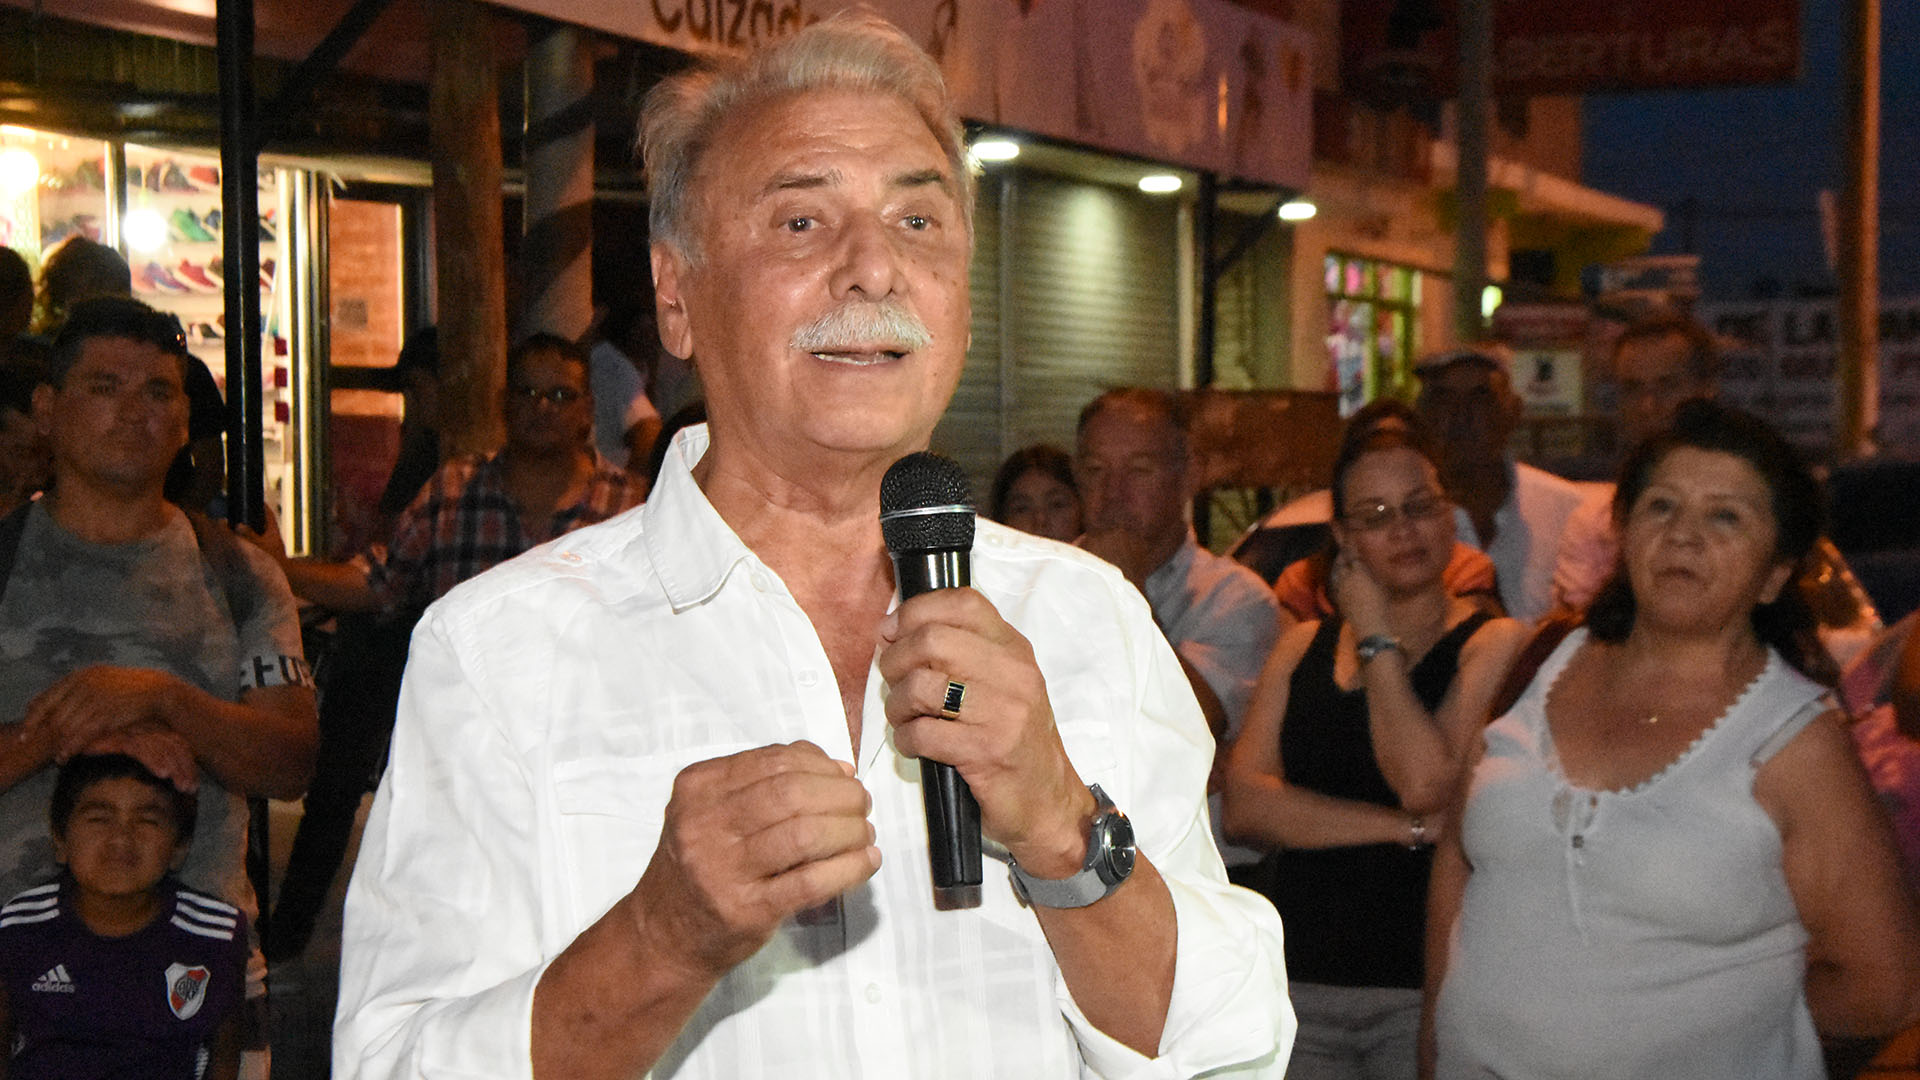 Los votos al ex gobernador Jorge Sobisch podrían redireccionarse hacia Cambiemos y el MPN según la lectura que hacen en el gobierno nacional